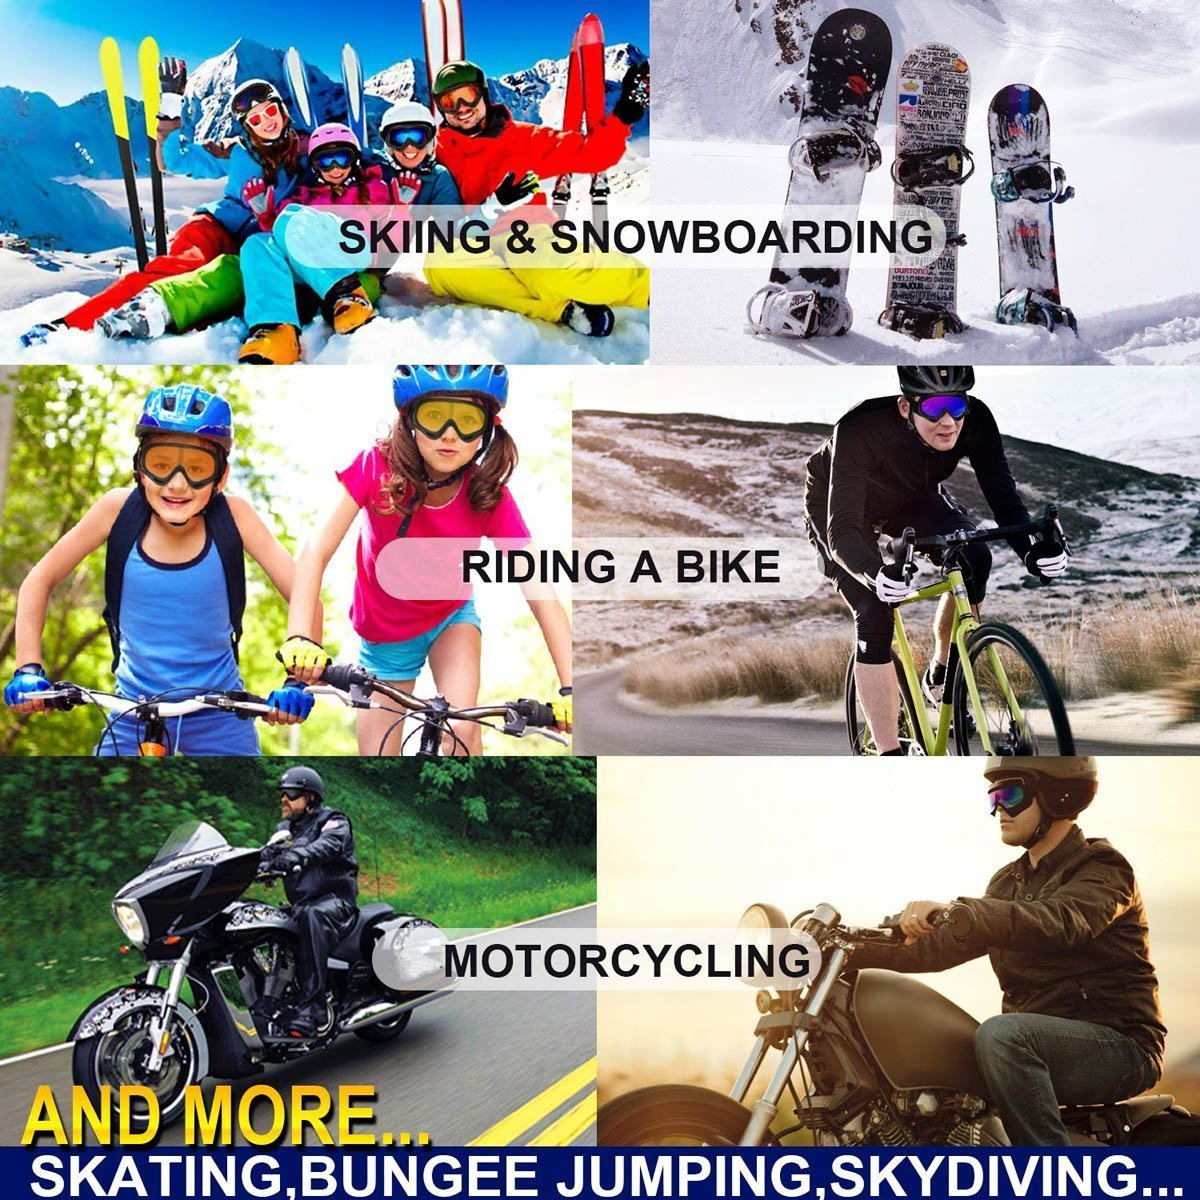 YYGIFT/® Skibrille Snowboard Wintersport Brille Snowboardbrille Schneebrille Wind Staubschutz Schutzbrille Radsportbrille Skifahren Schifahren f/ür Damen Herren gr/ö/ßere Kinder Jungen und M/ädchen